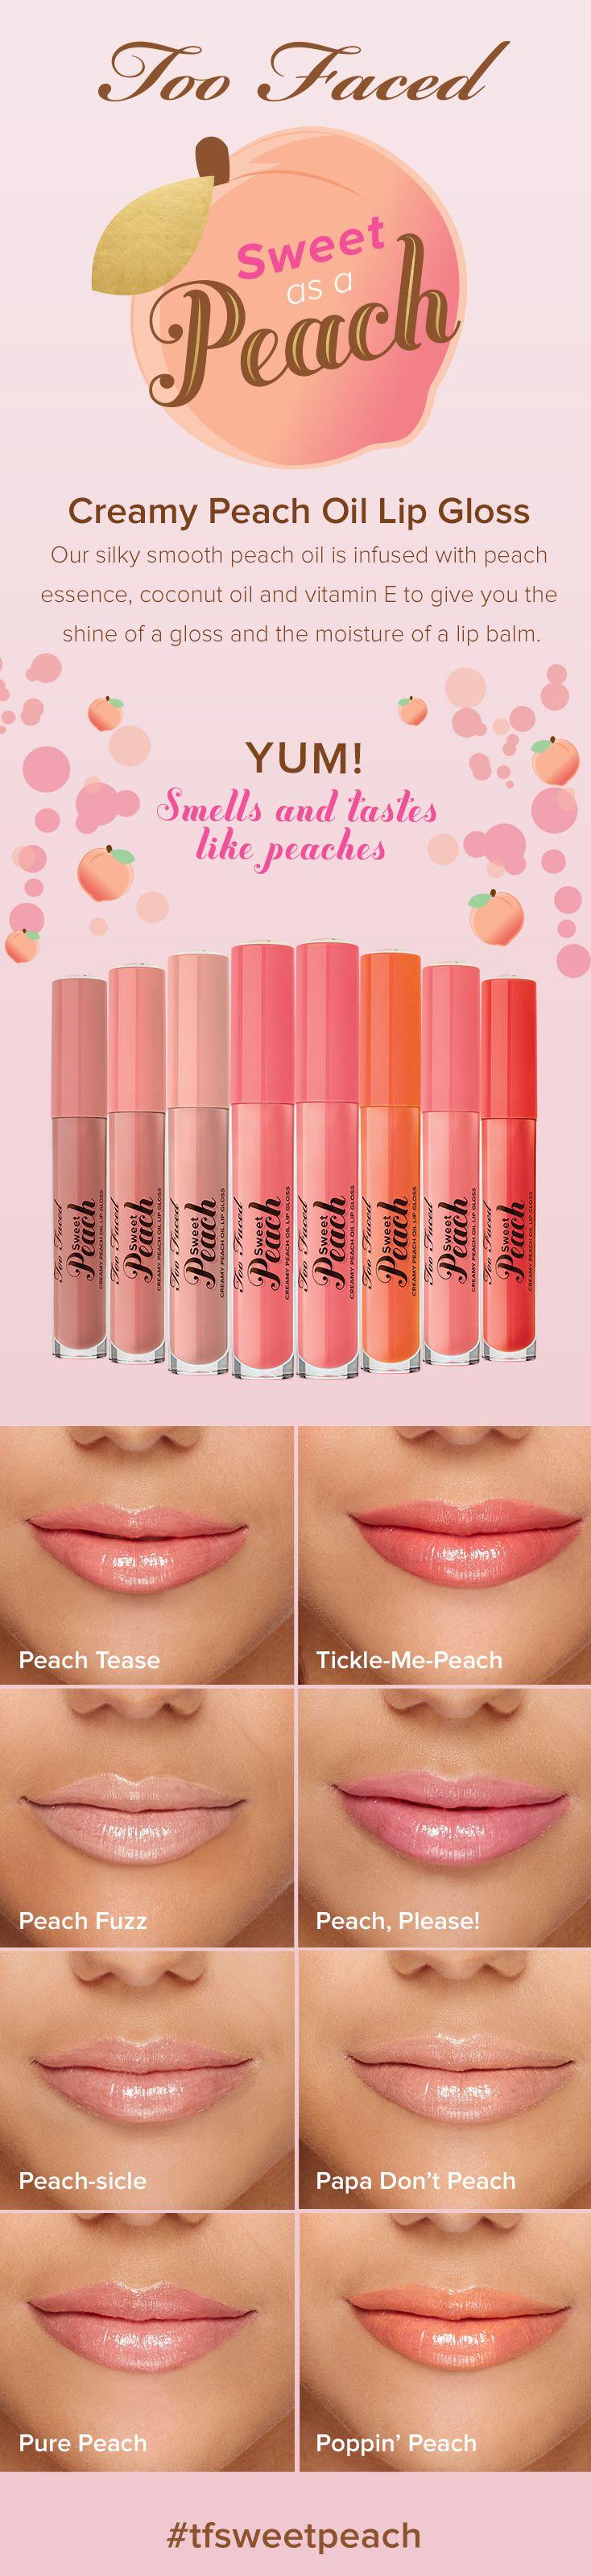 Sweet Peach Creamy Peach Oil Lip Gloss Skin Makeup Peach Lips